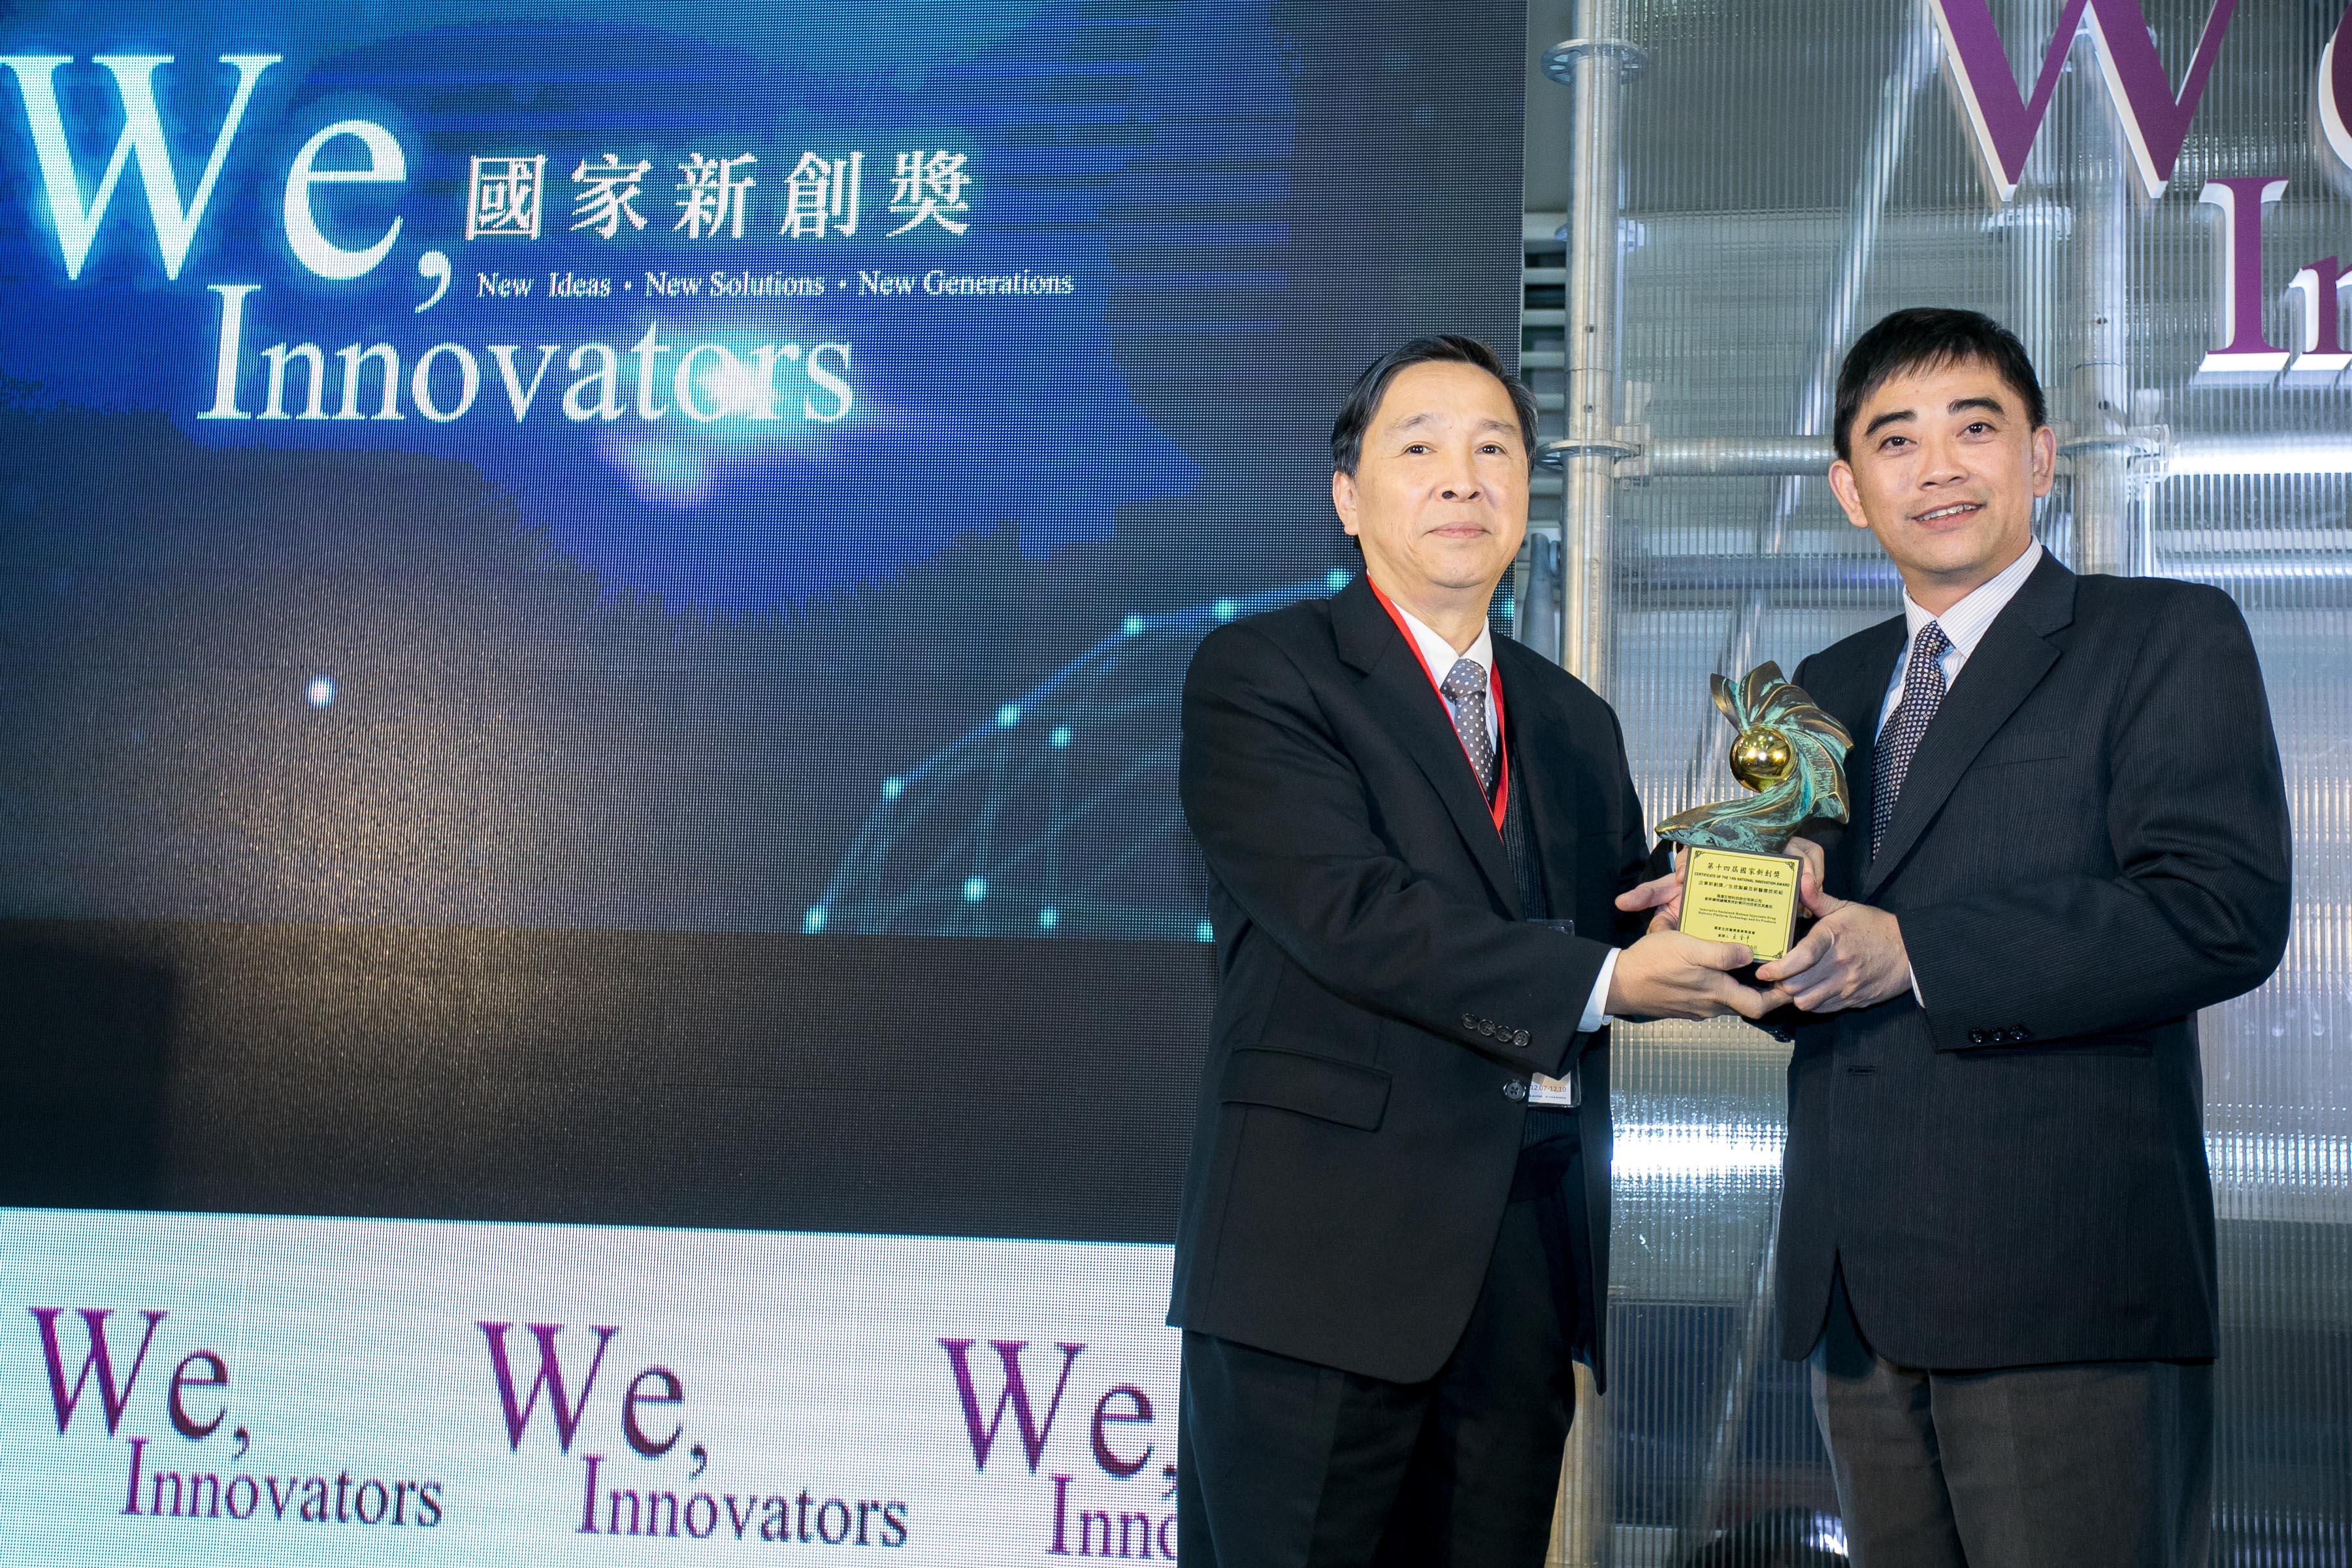 企業新創 製藥及新醫療技術組獲獎